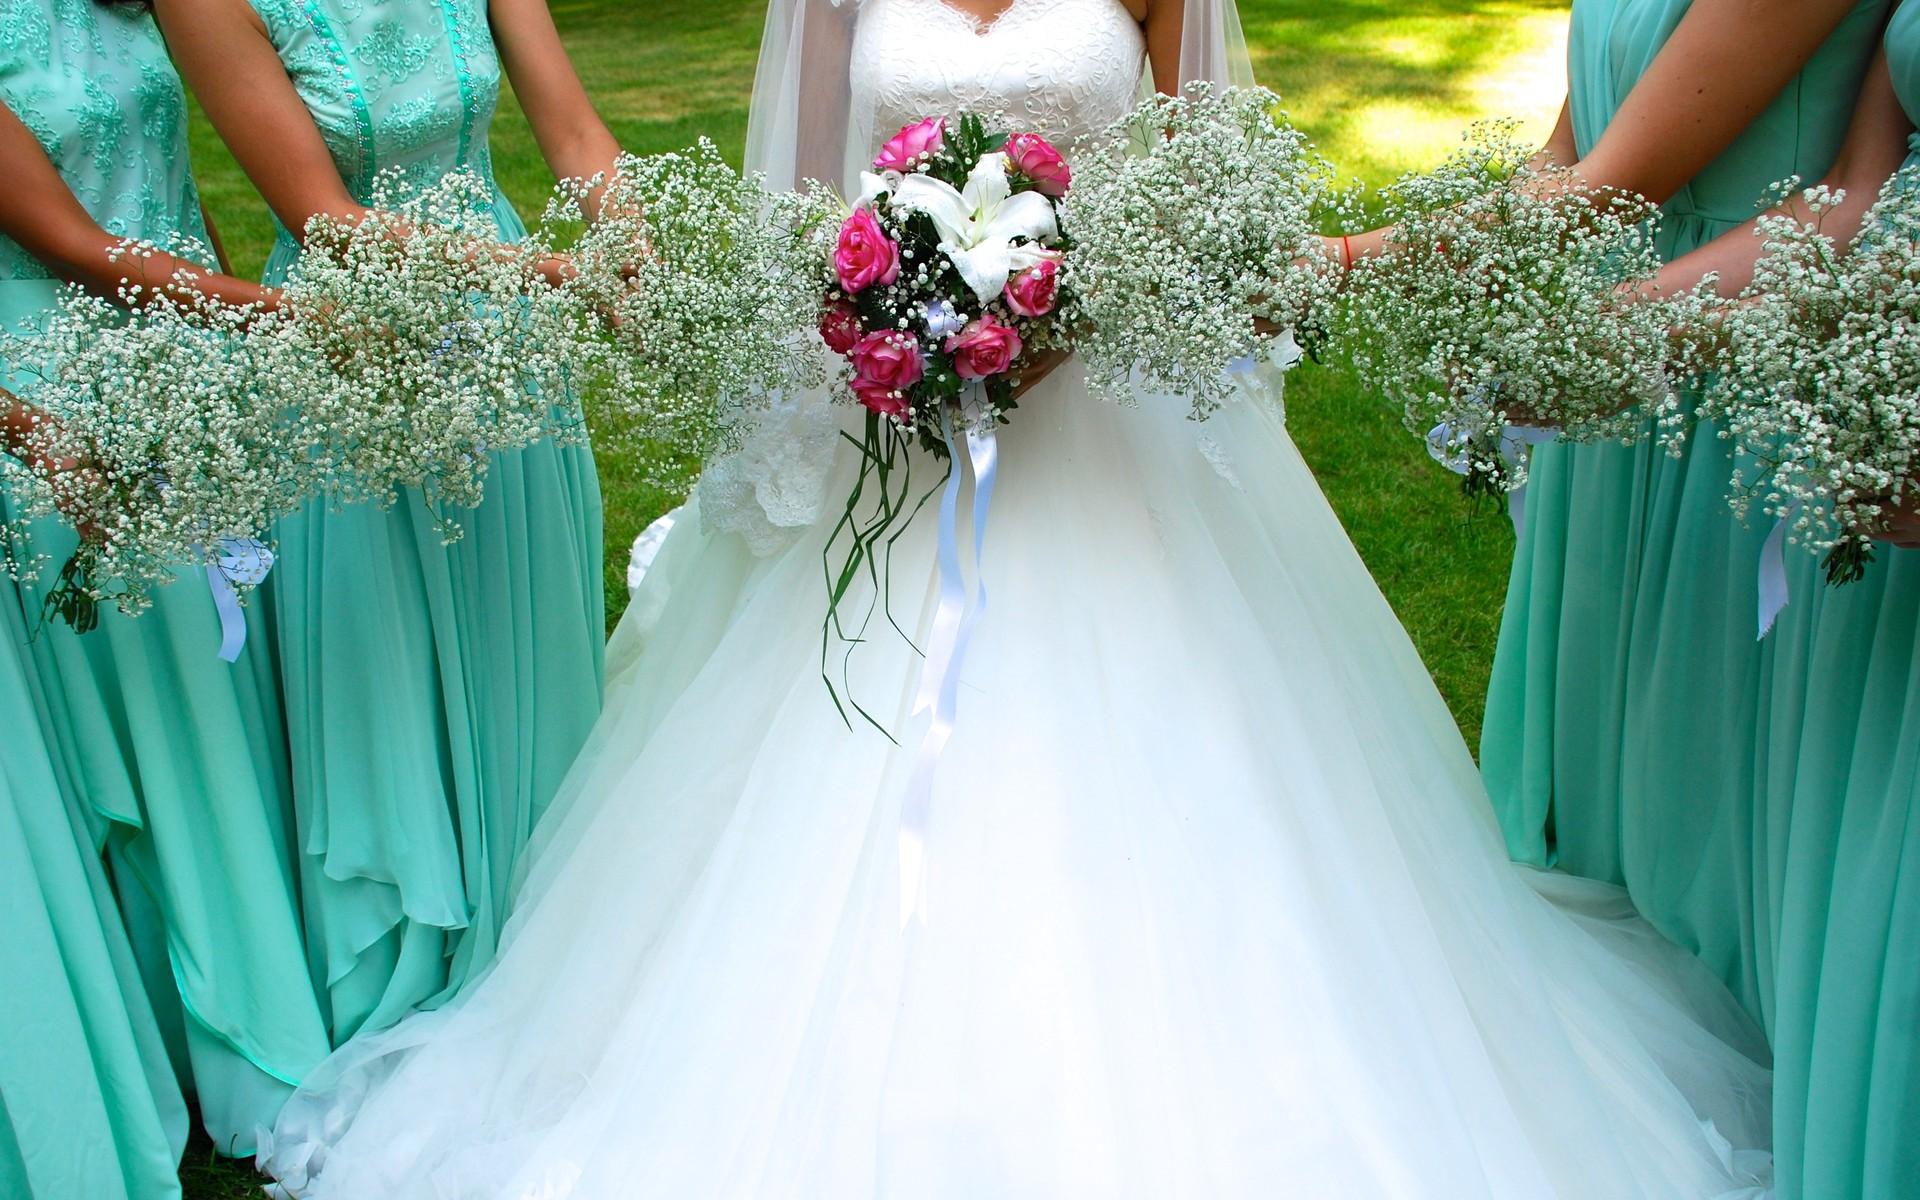 uzbek-weddings-4f96a7a63066c97a2eaa0ac81